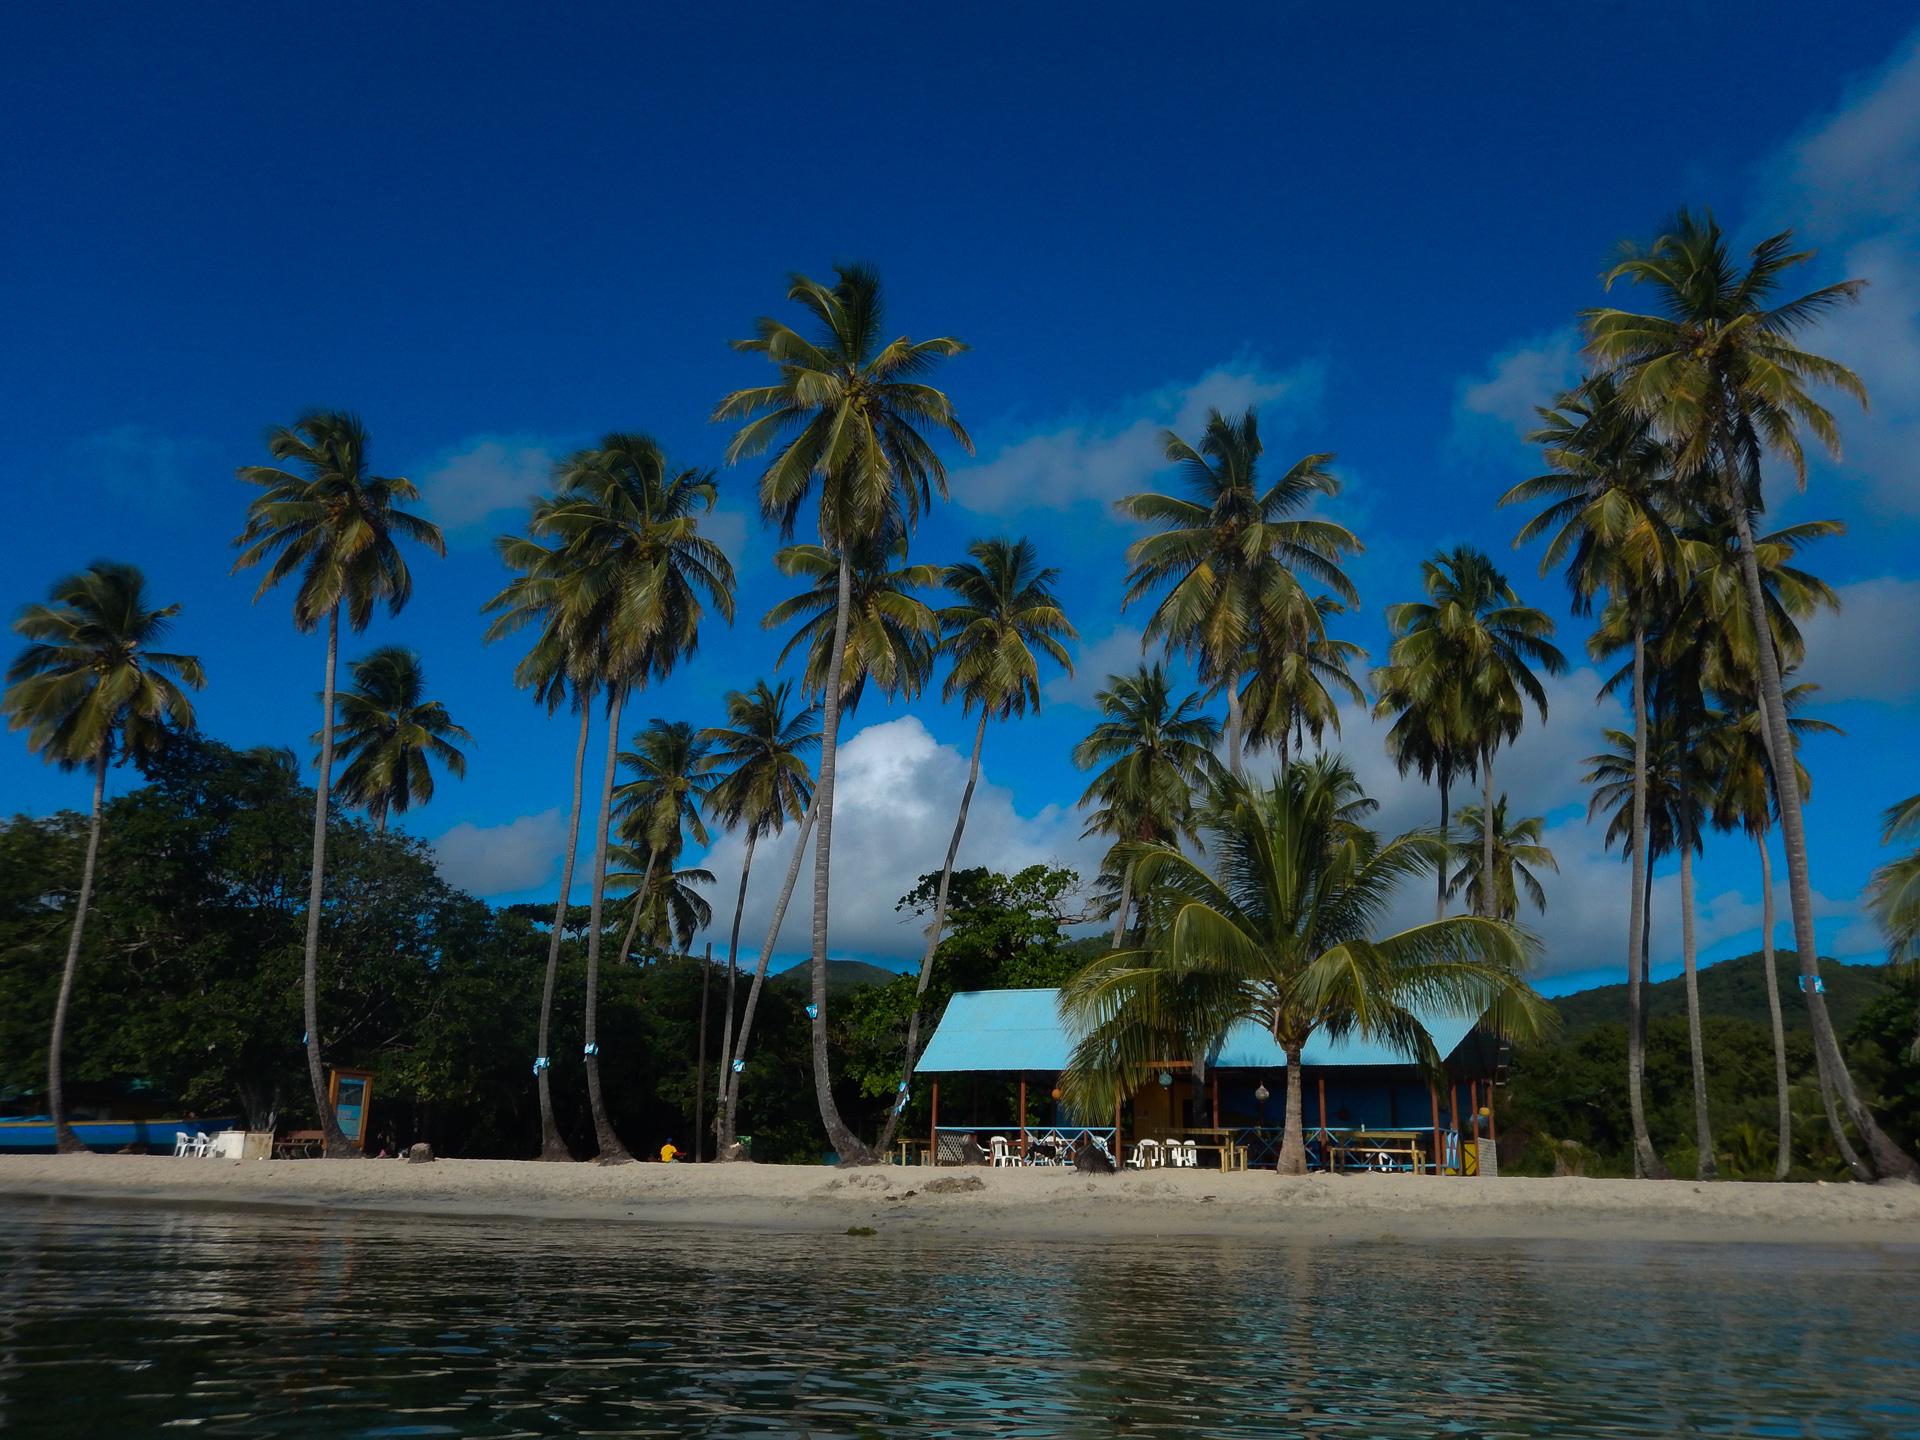 Plaża na wyspie Providencia